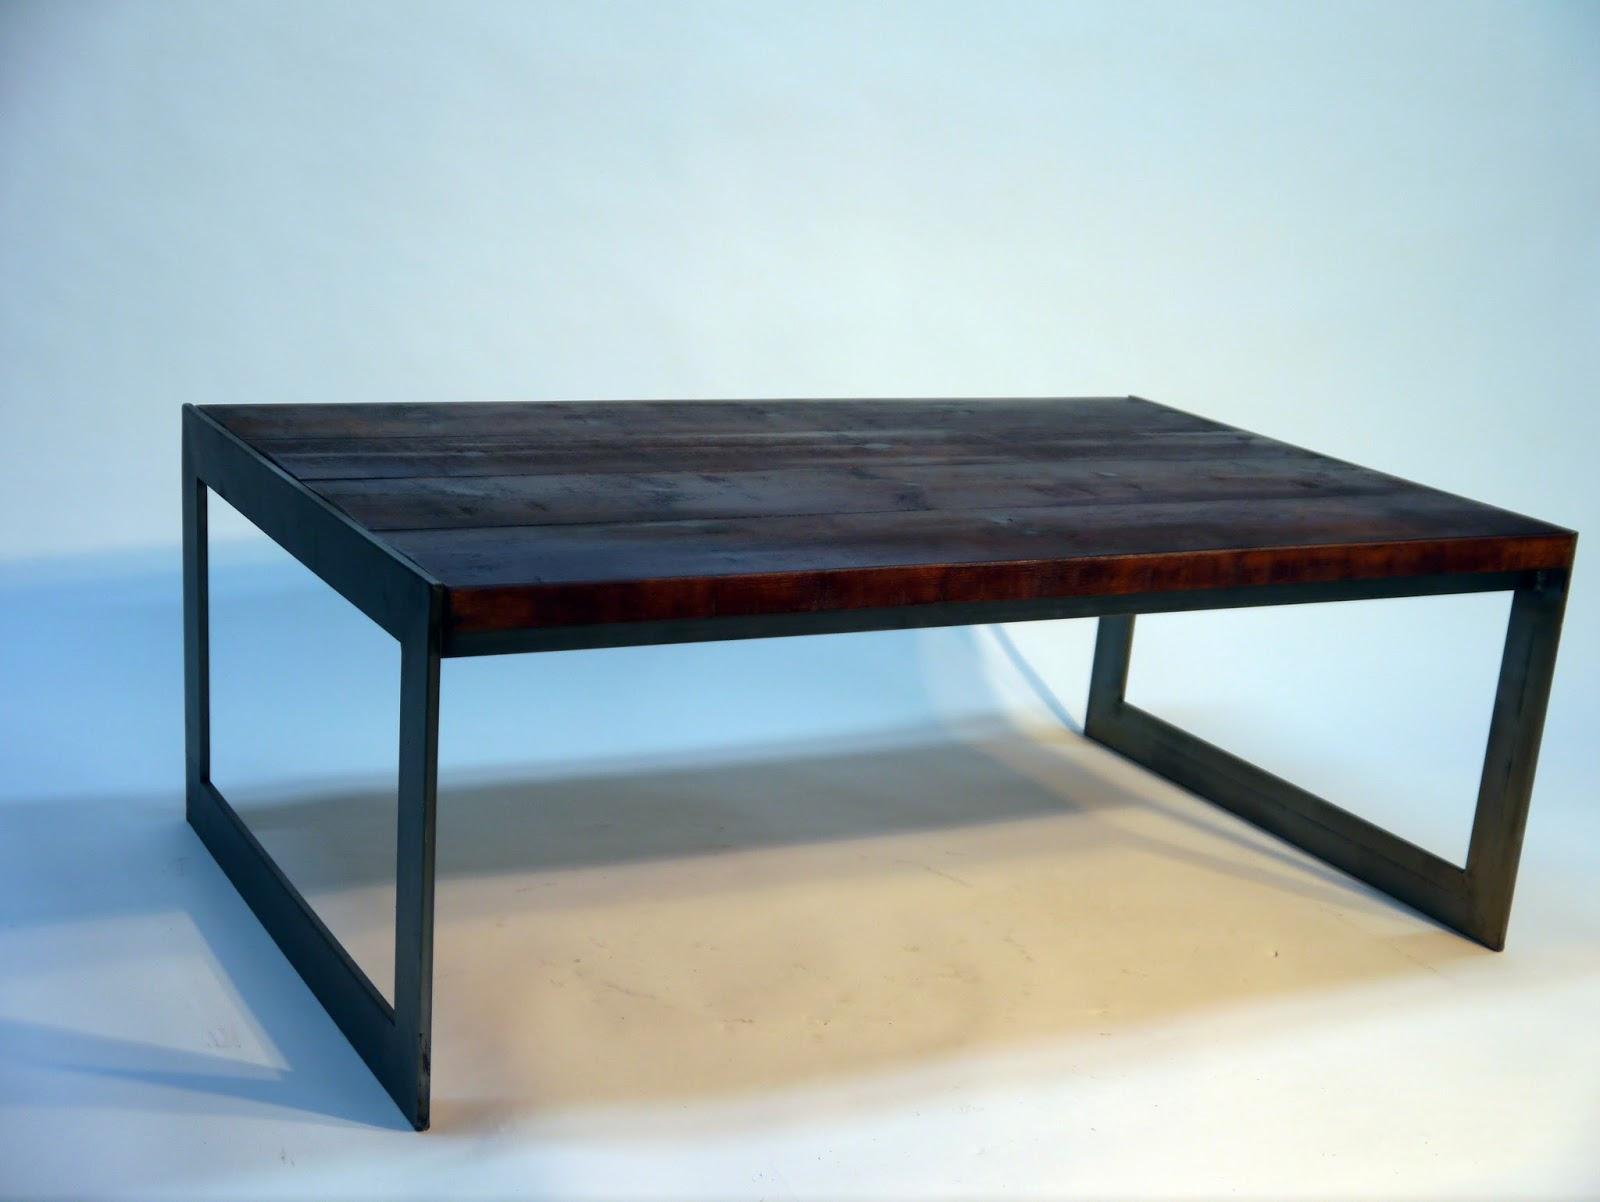 Mesas y sillas en metal de estilo industrial en hierro y